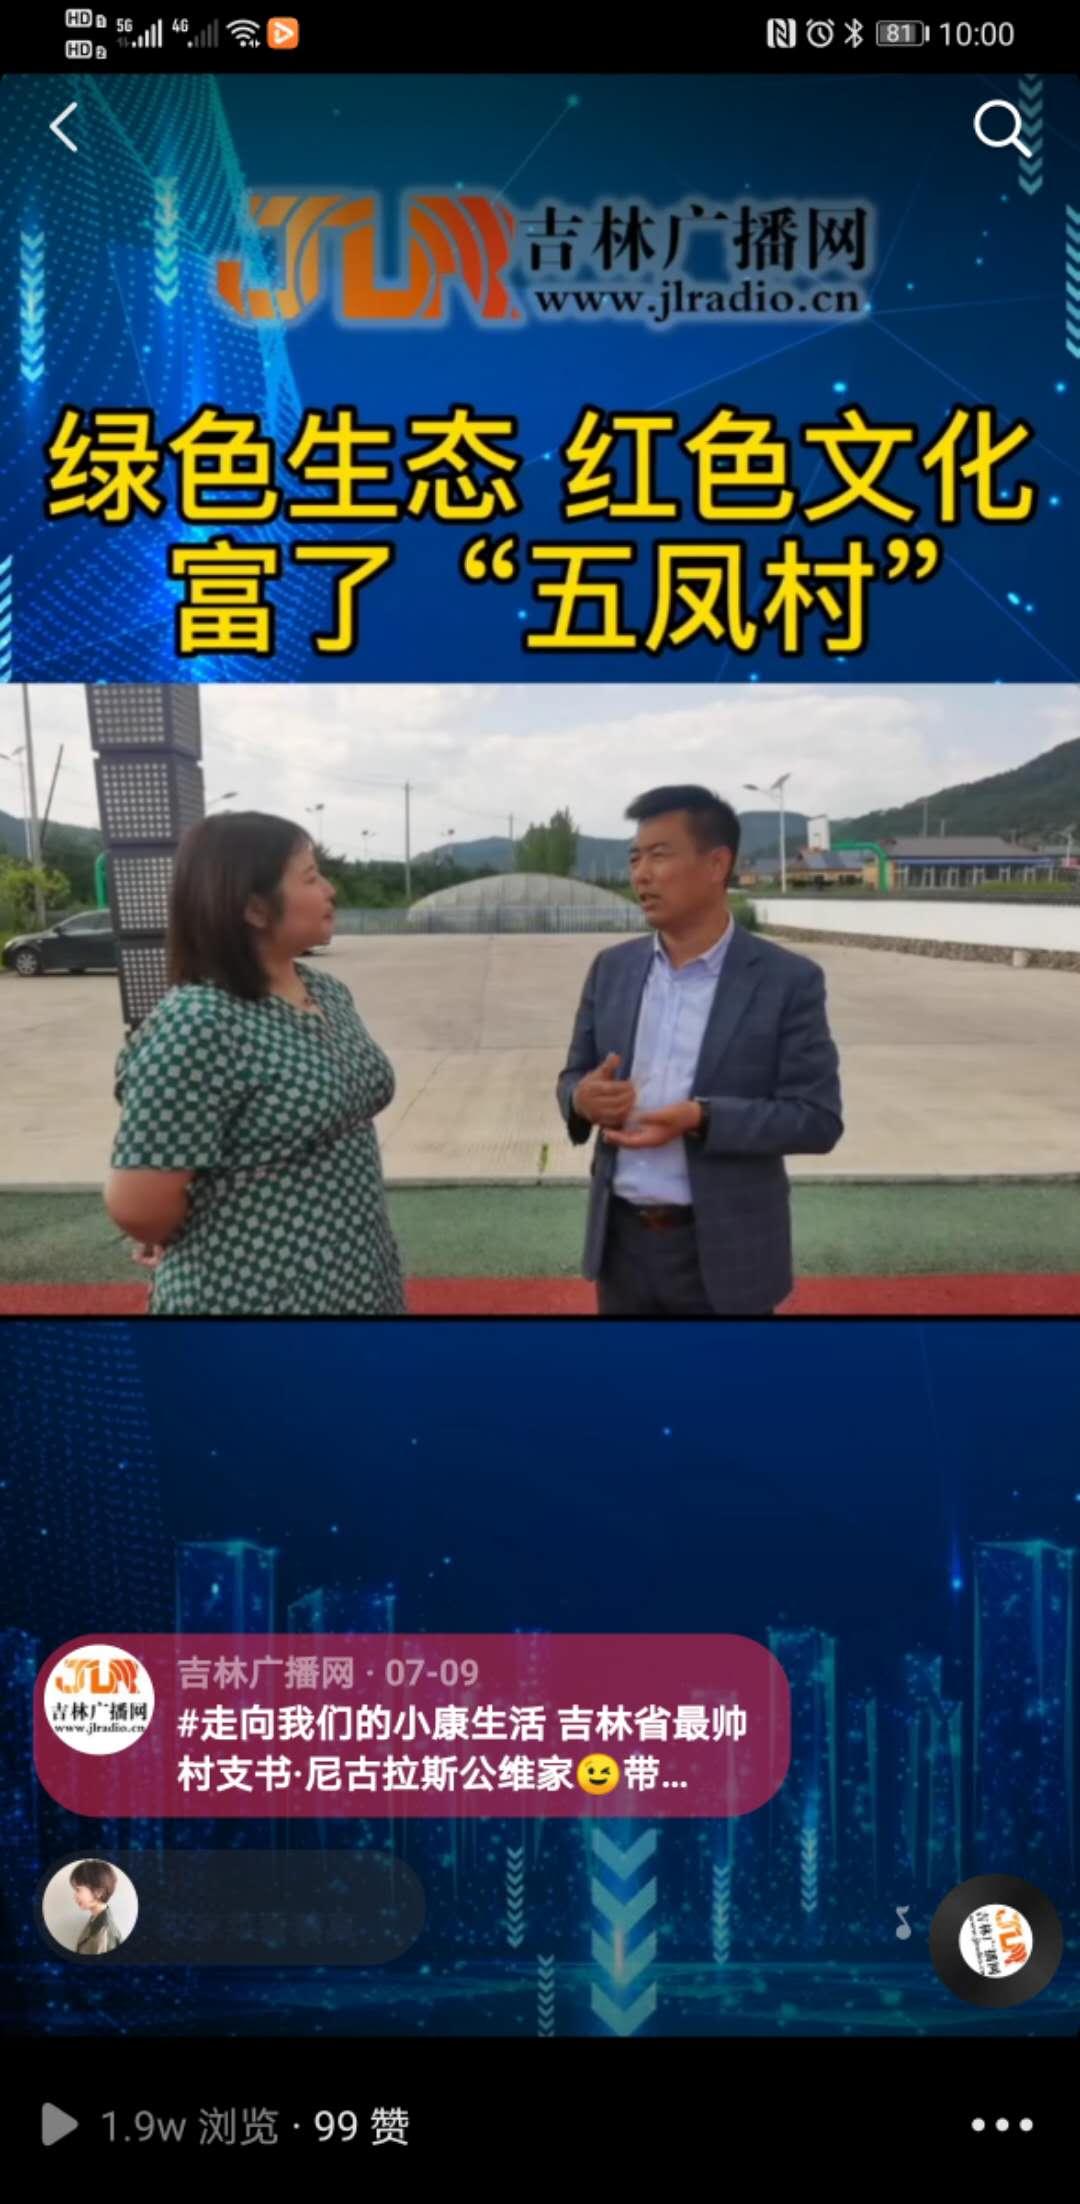 """绿色生态 红色文化 富了""""五凤村"""""""